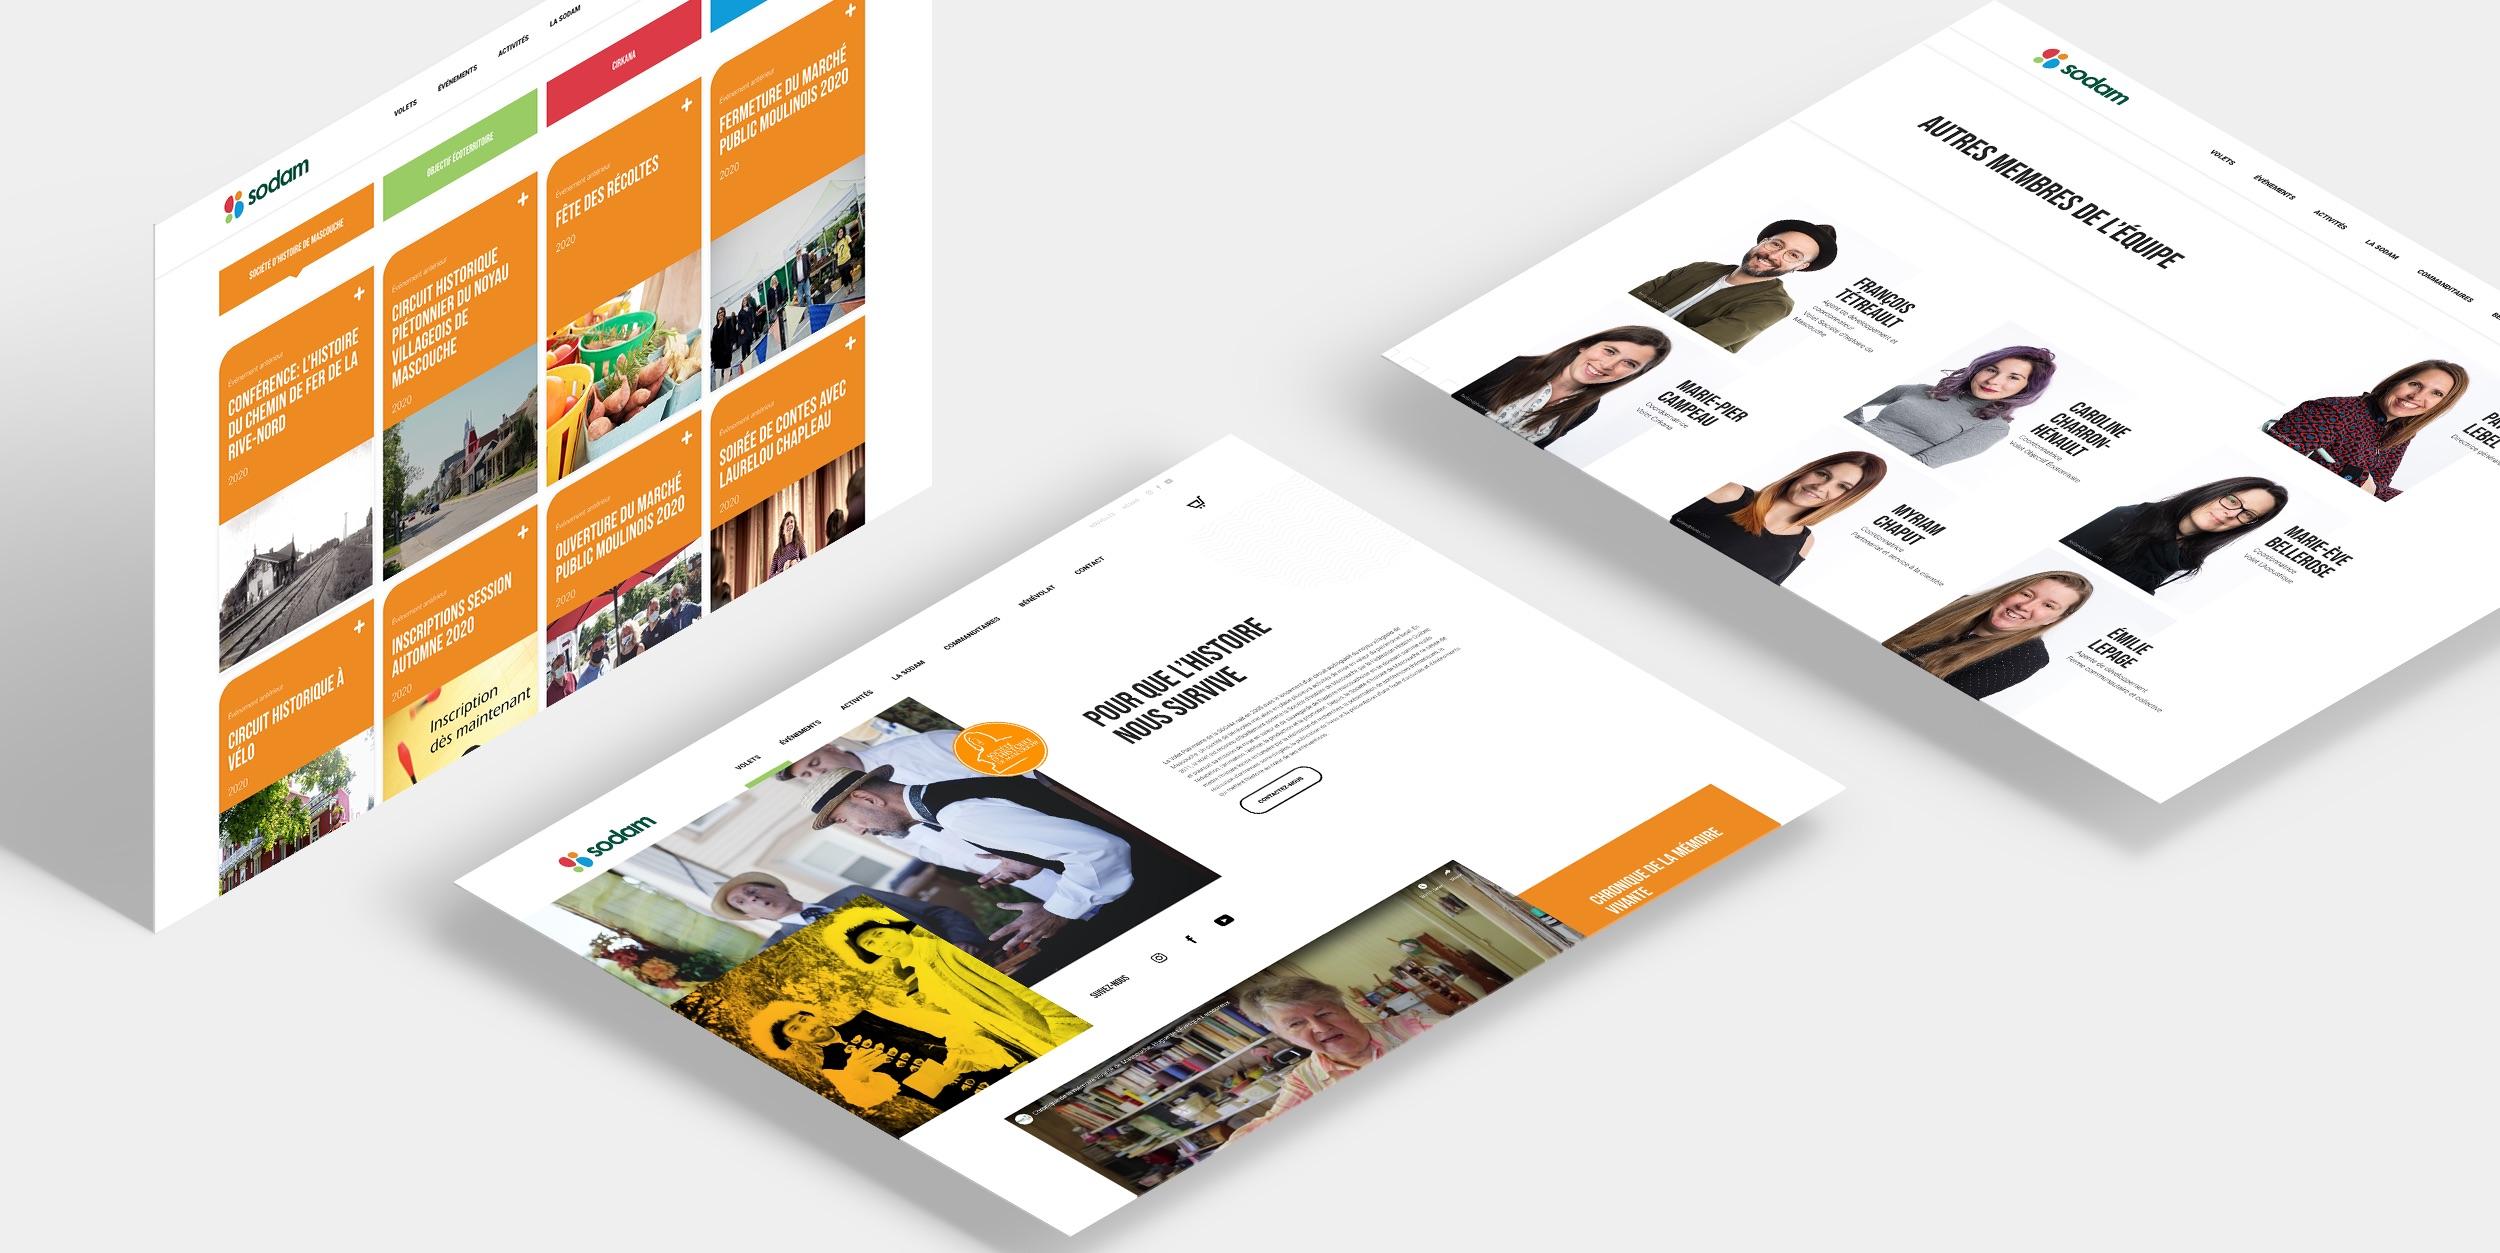 Site Web de qualité | Design personnalisé | Identité visuelle